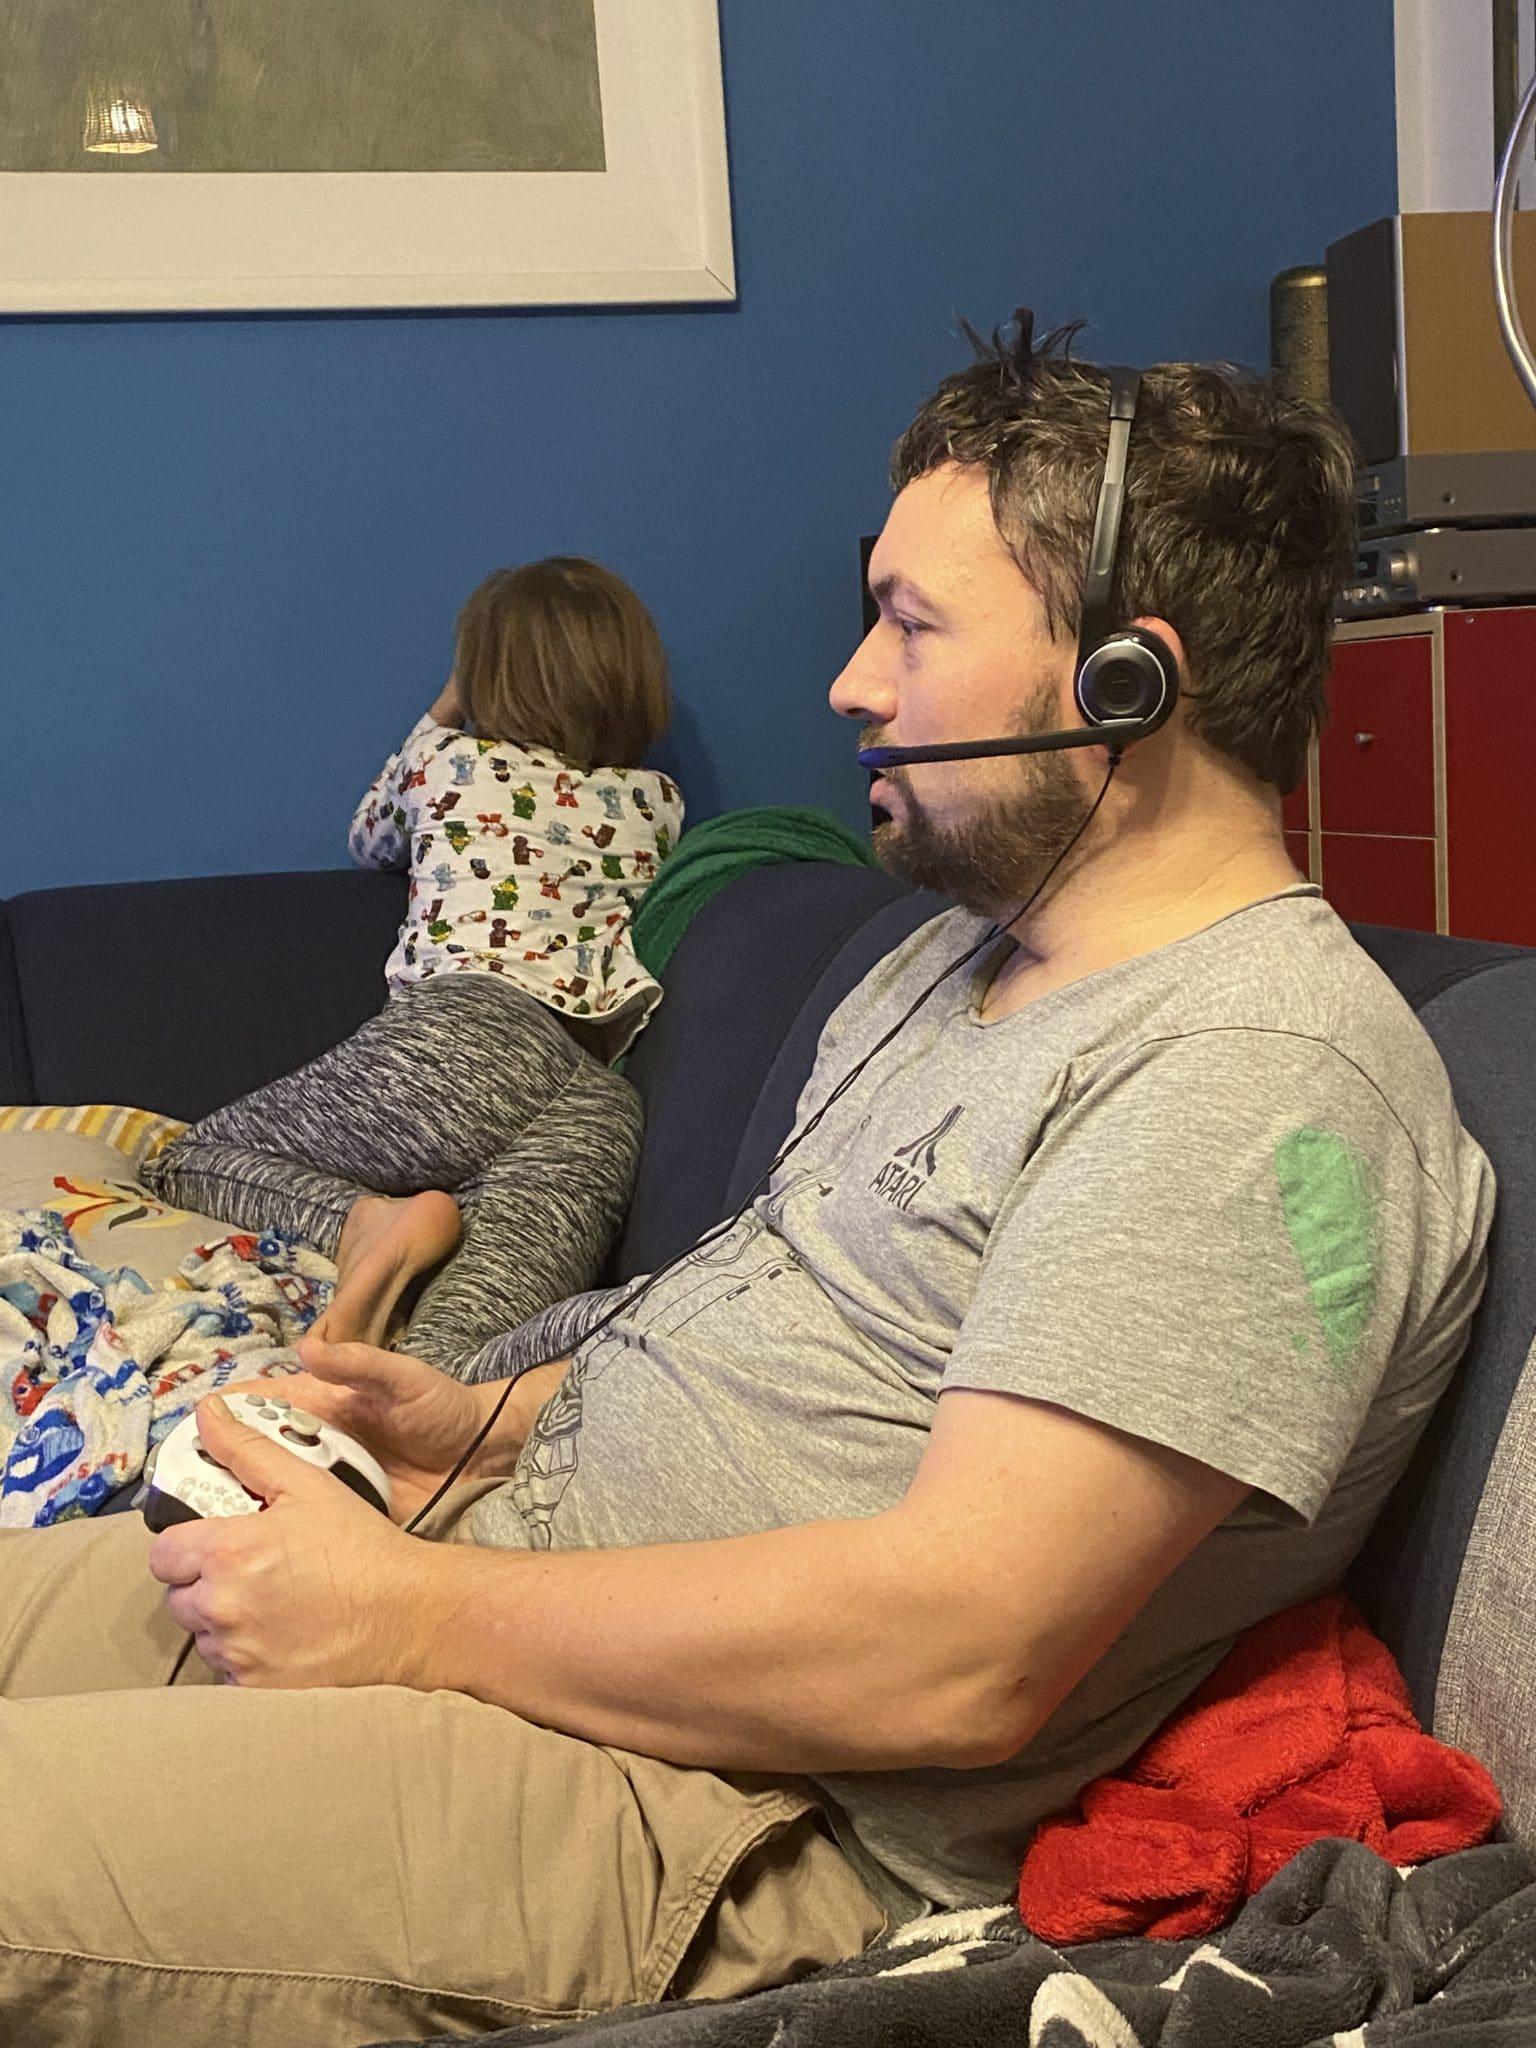 Der Mann probiert heute Fortnite zu spielen, es ist alles sehr aufregend.